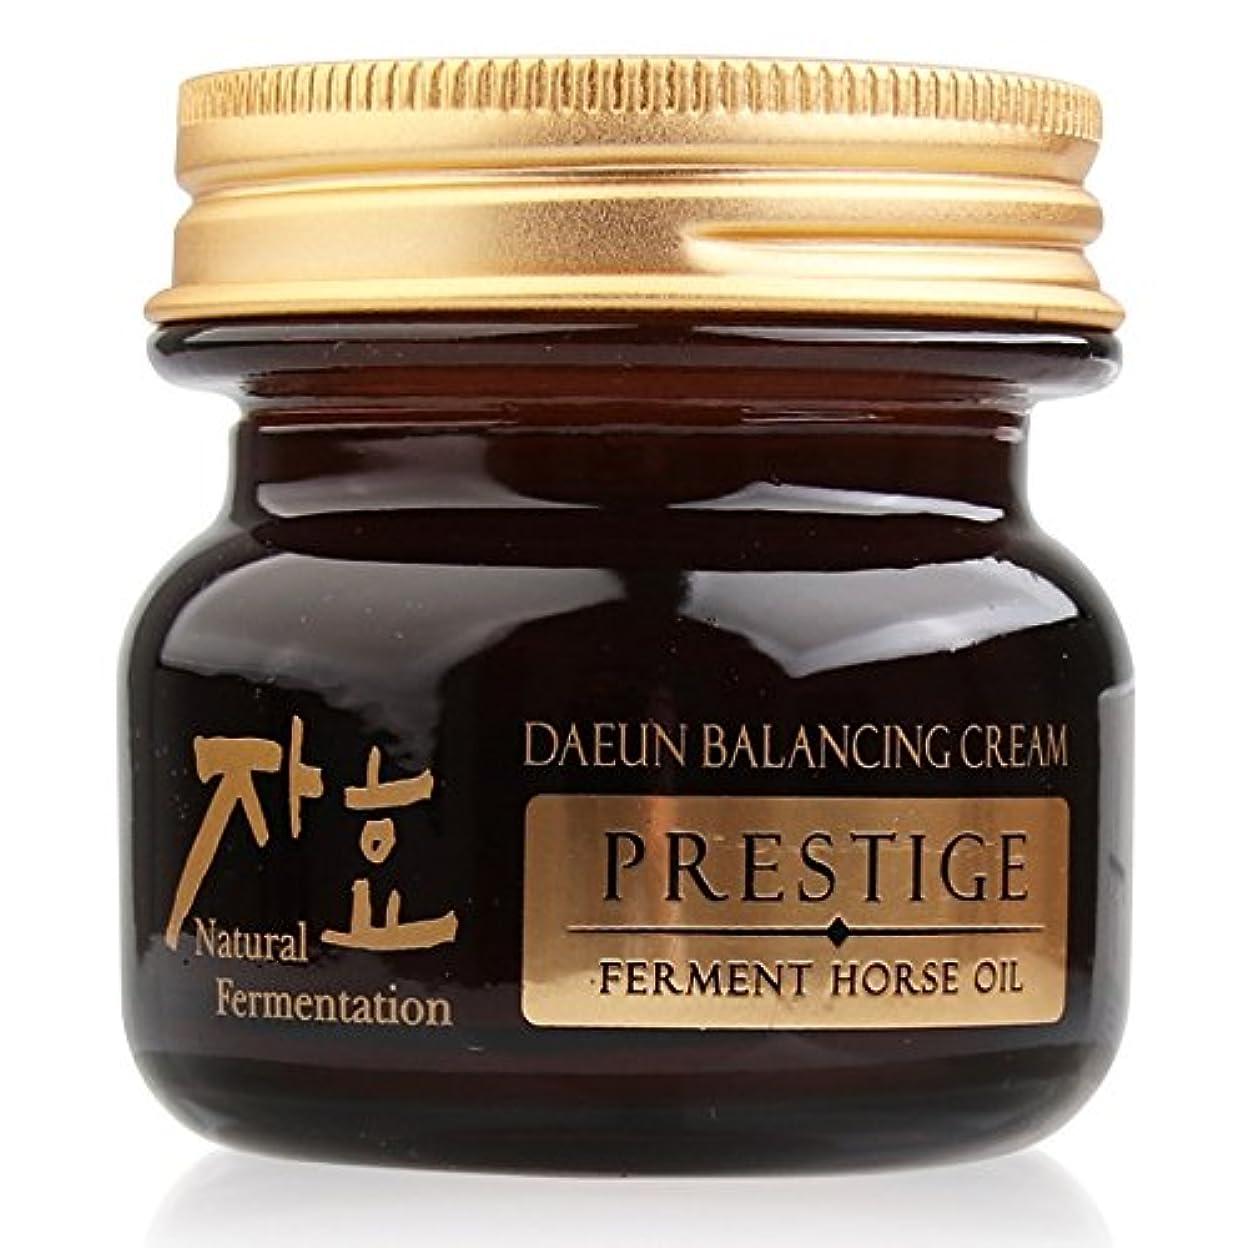 物理学者インタネットを見るそれらZHAHYO Daeun Balancing Fermented Horse Oil Cream 65g/Korea Cosmetics